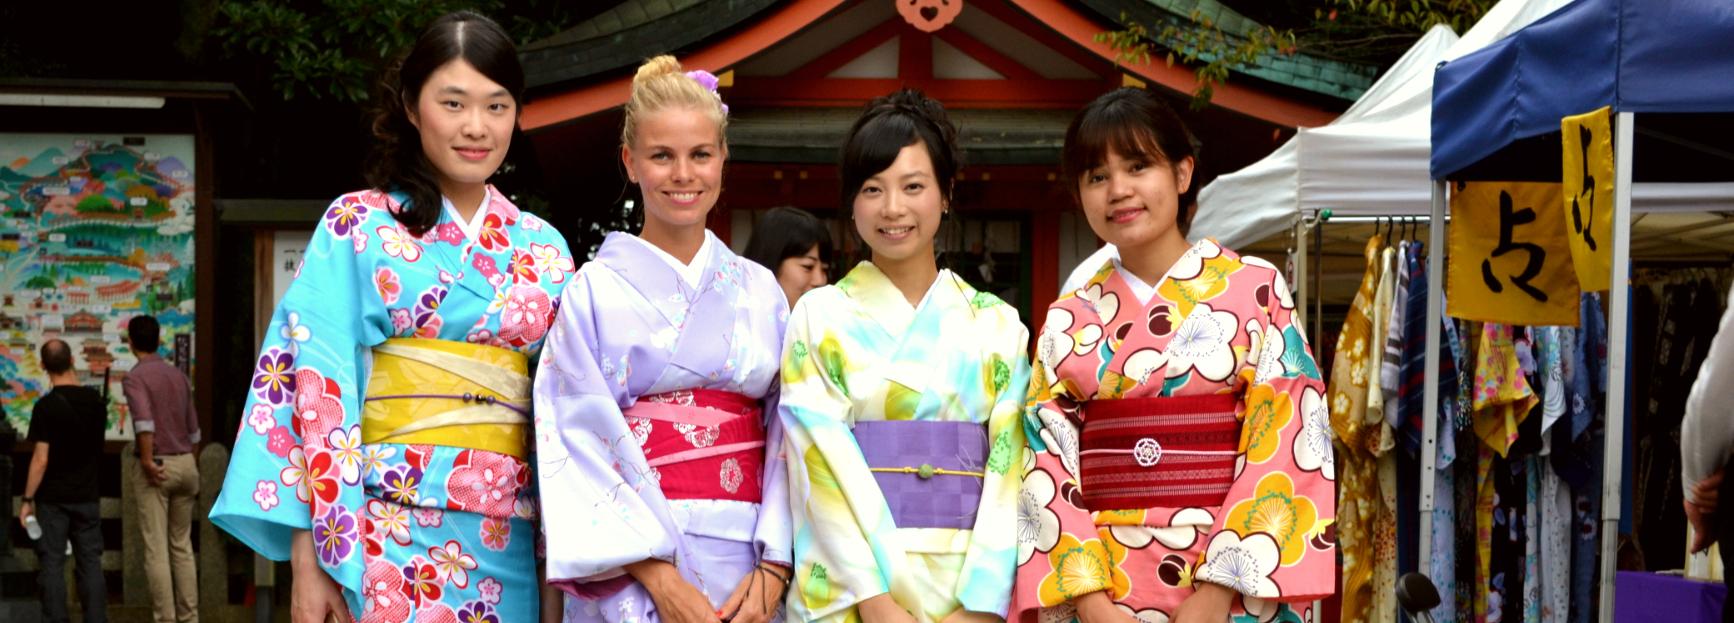 Japan reisblog